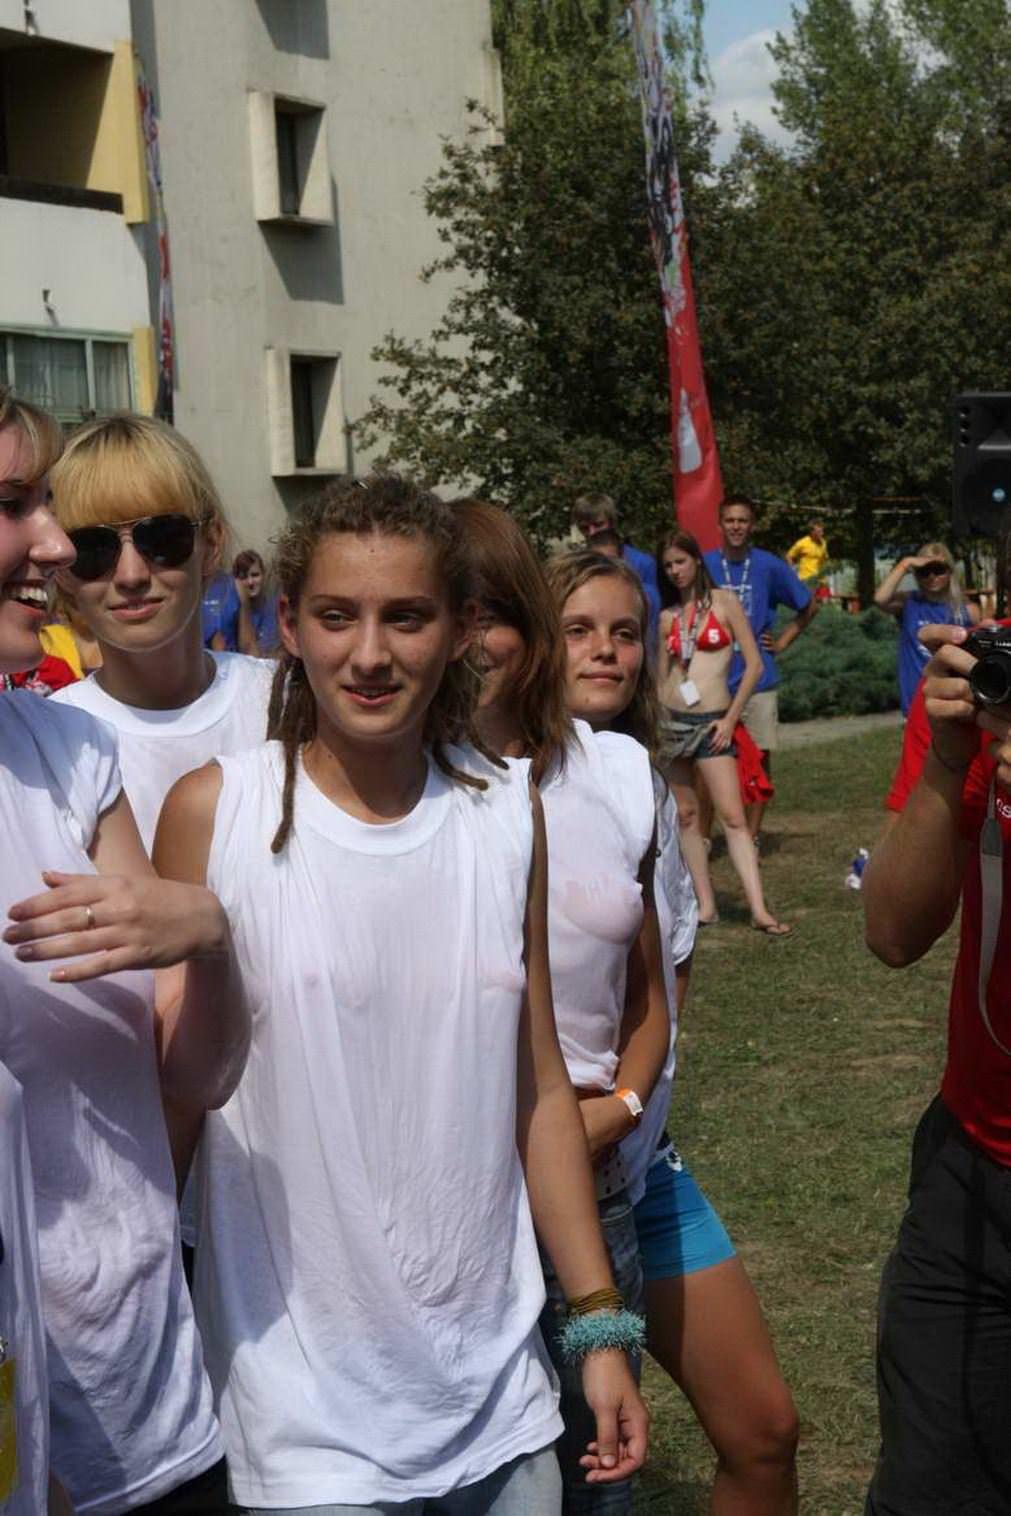 【外人】濡れTシャツフェスティバルで学生たちのおっぱいビショビショなポルノ画像 3058